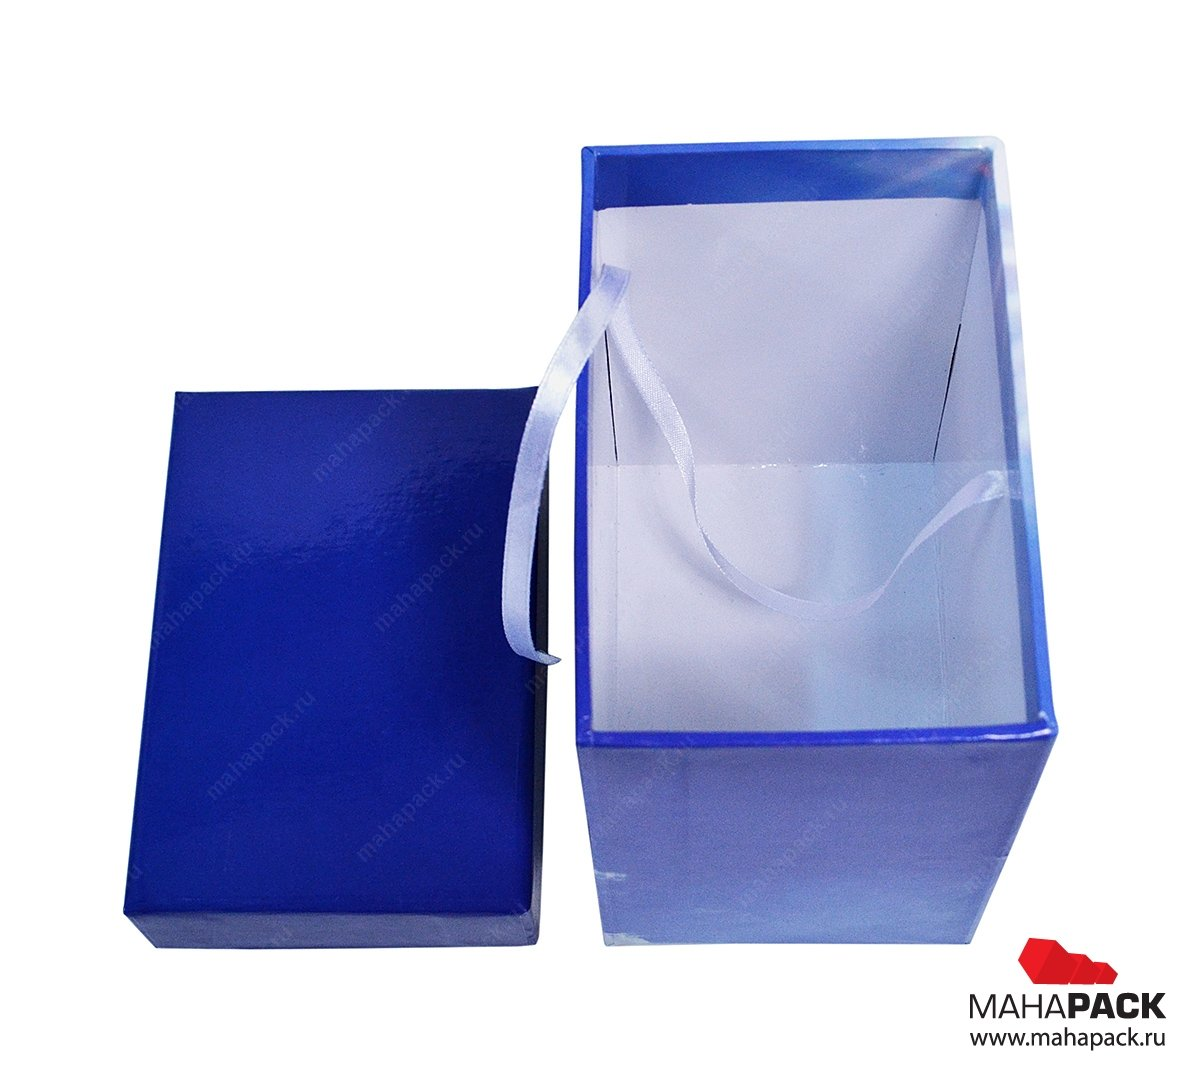 Подарочная коробка крышка дно для 8-ми джевел боксов